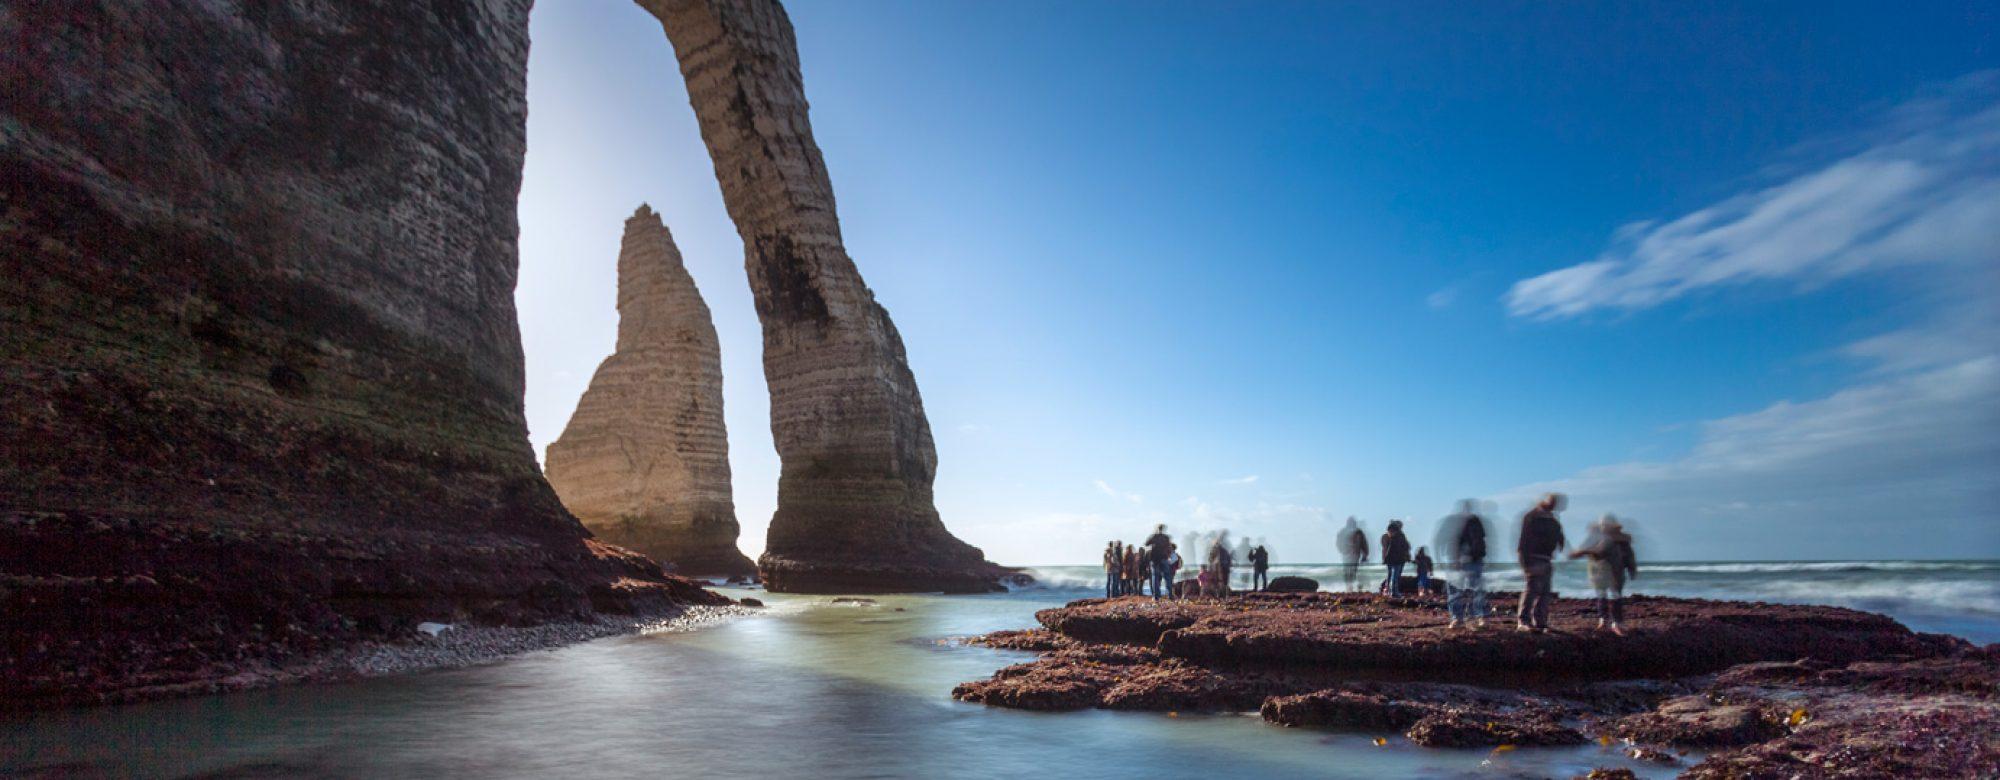 La Porte d'Aval et l'Aiguille d'Etretat à marée basse